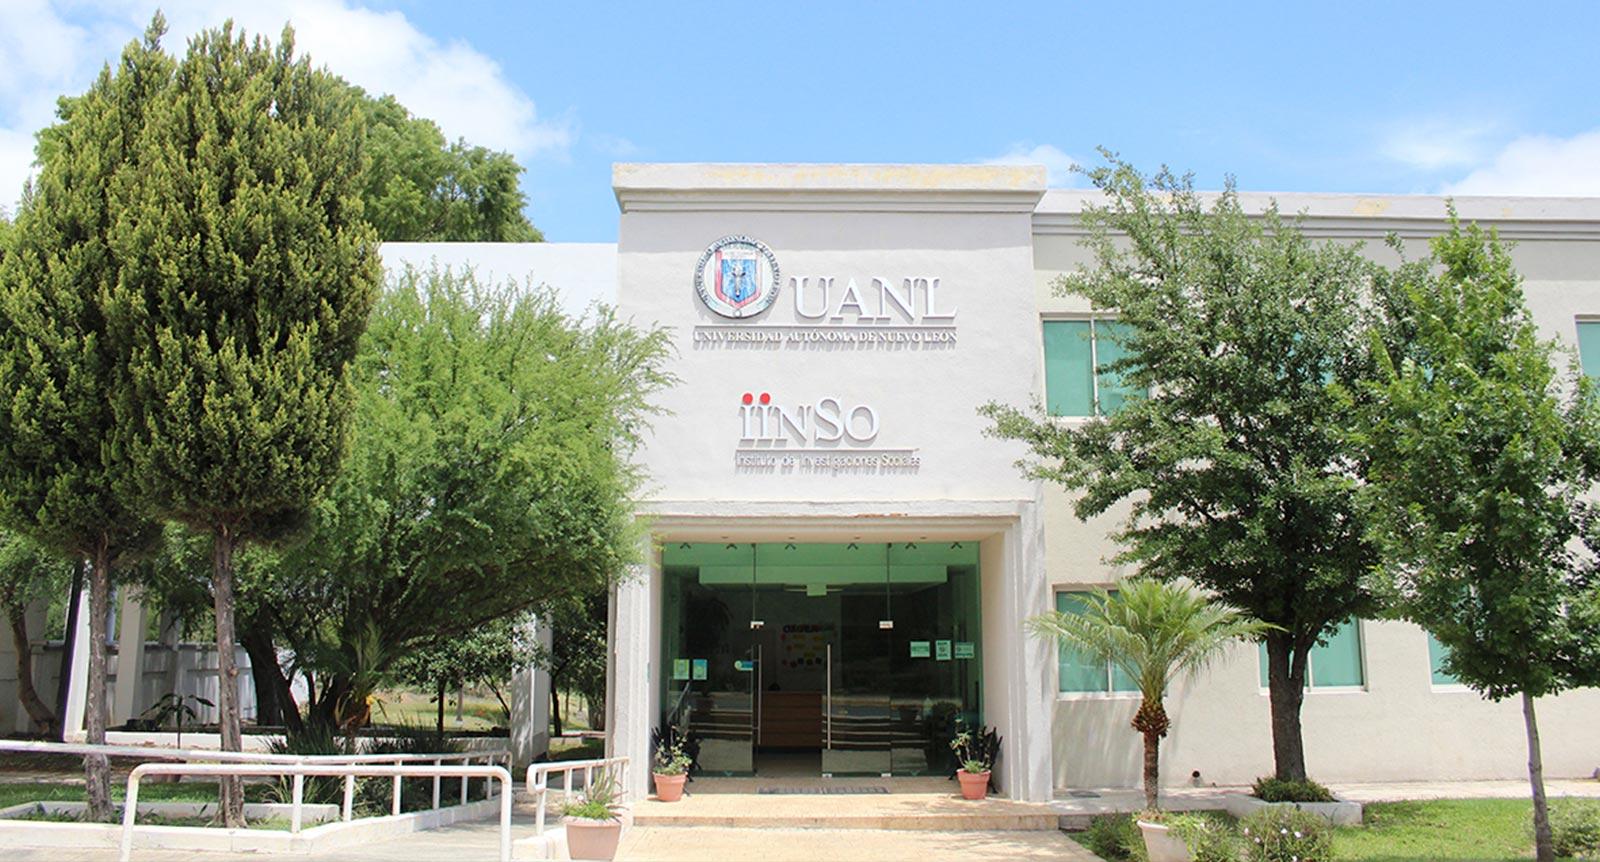 Instituto de Investigaciones Sociales (IINSO)